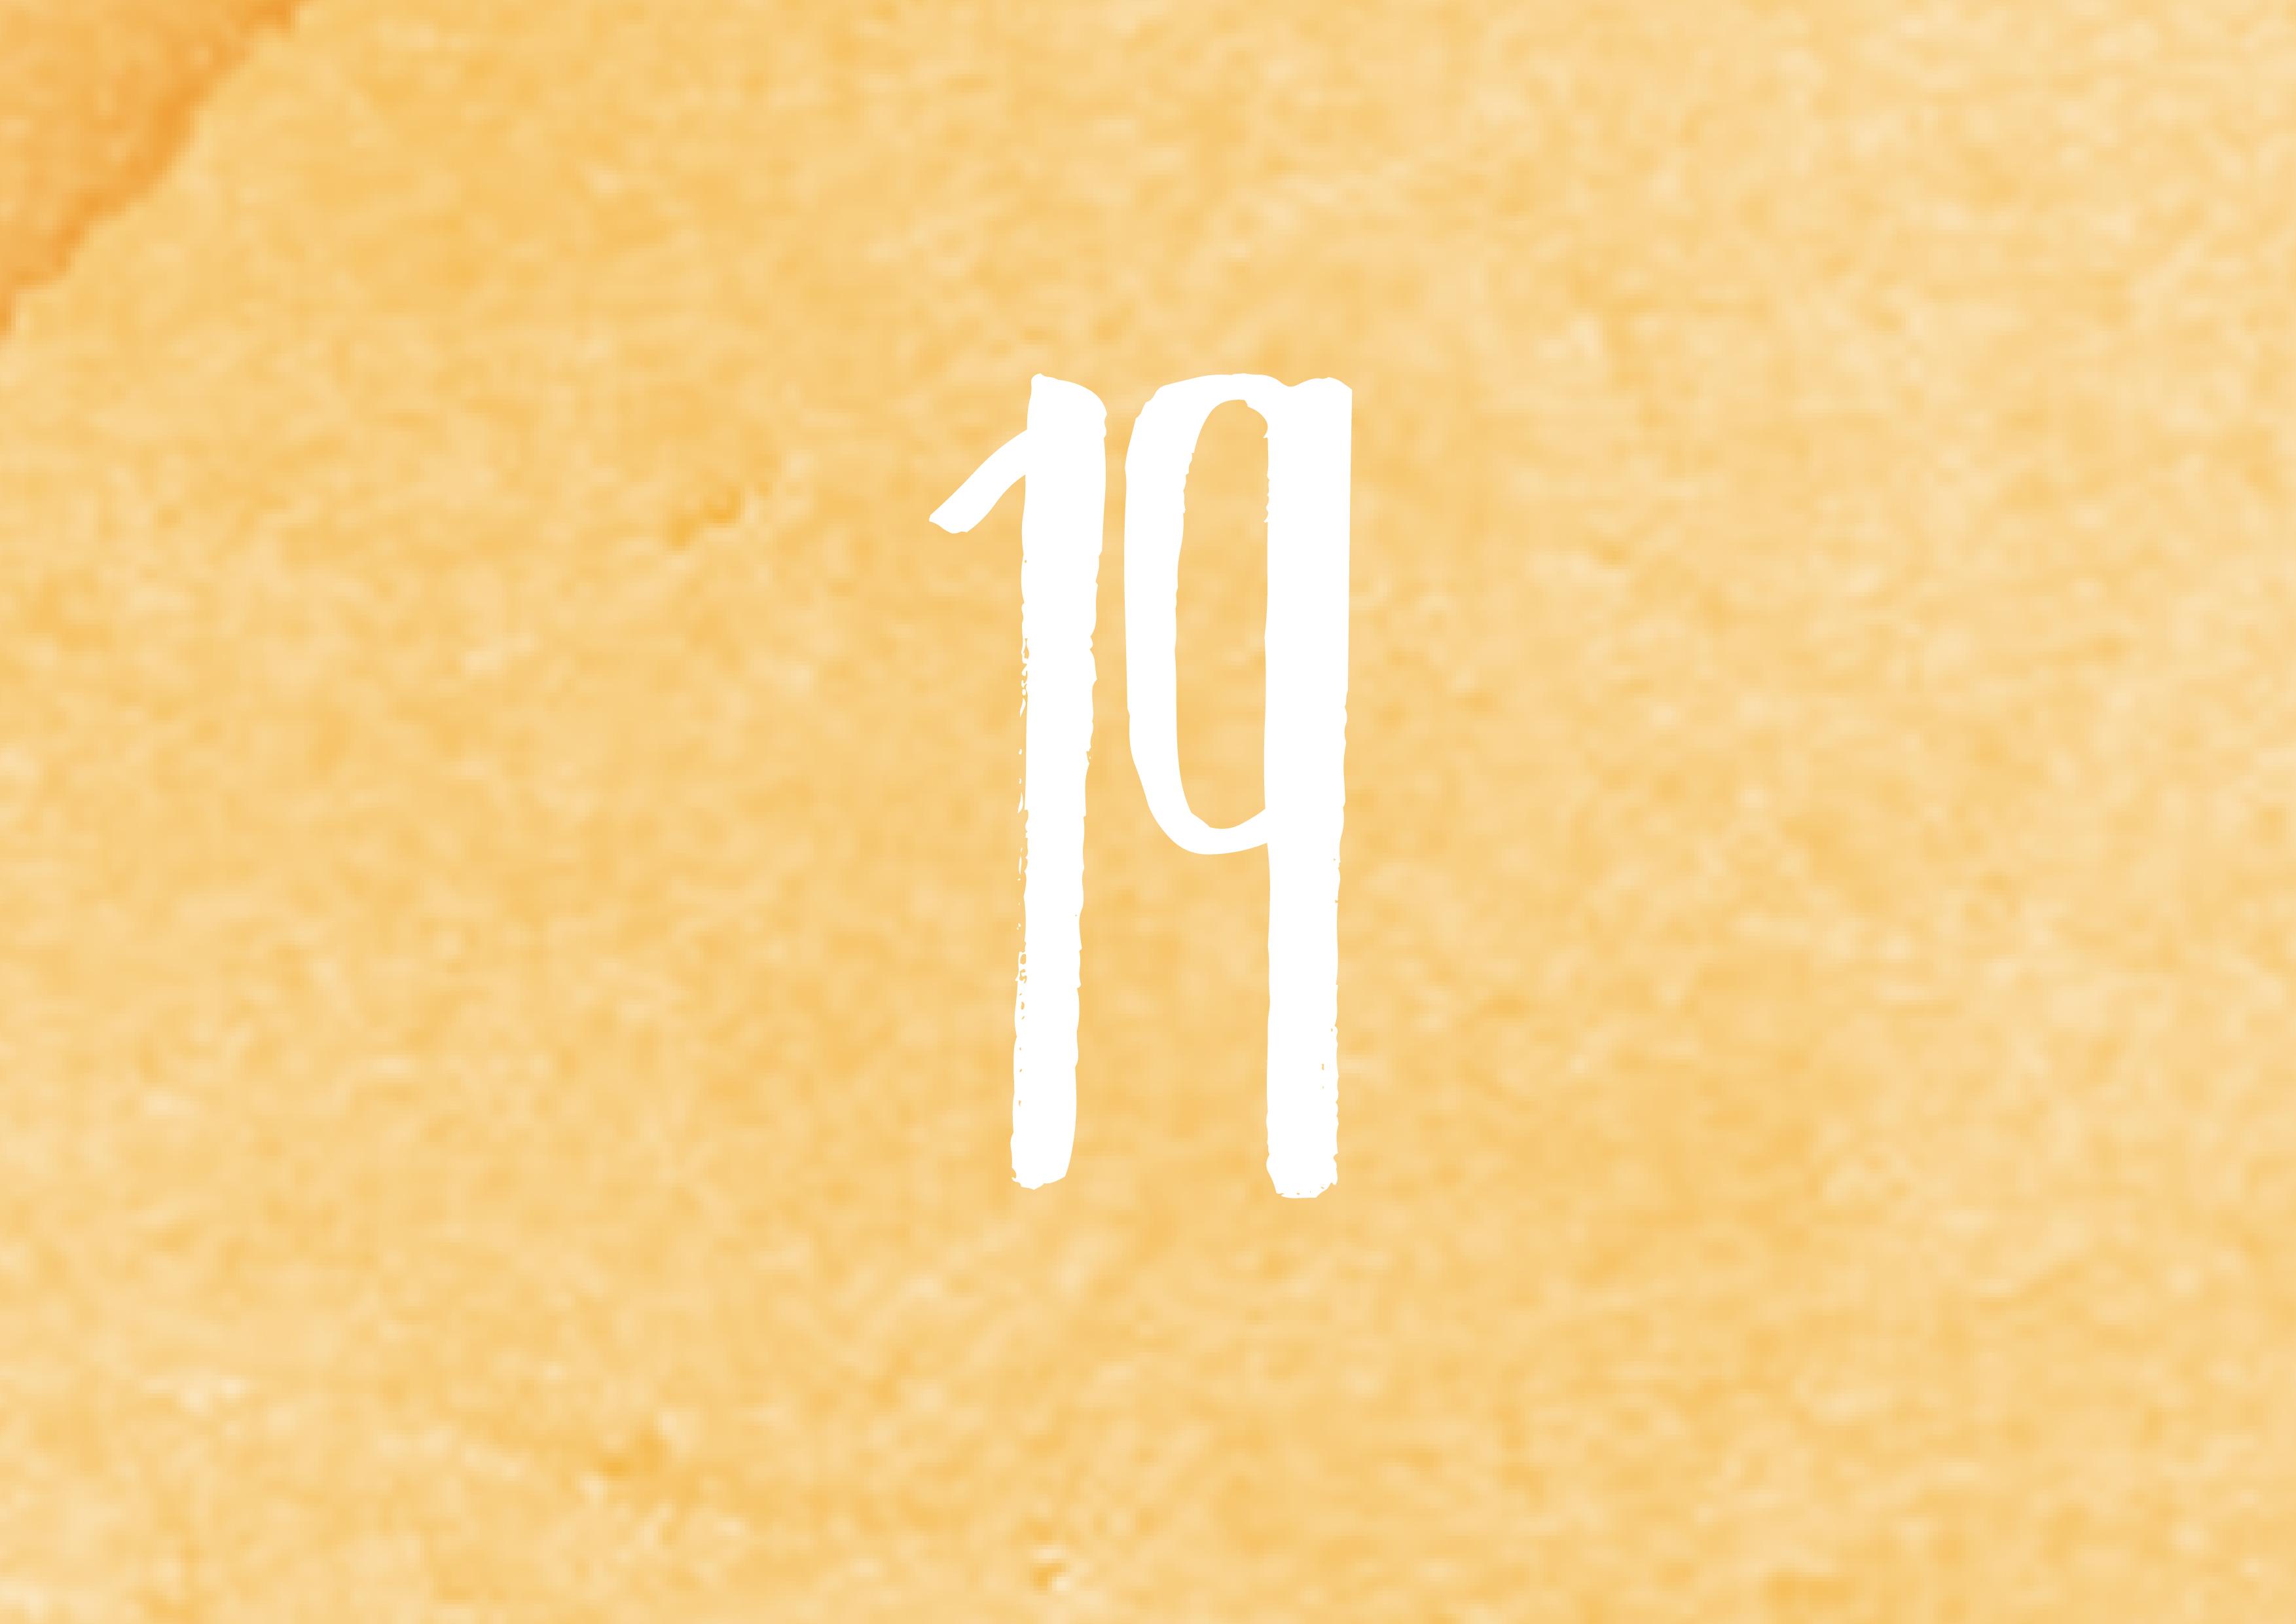 Calendrier de l'avent - 19